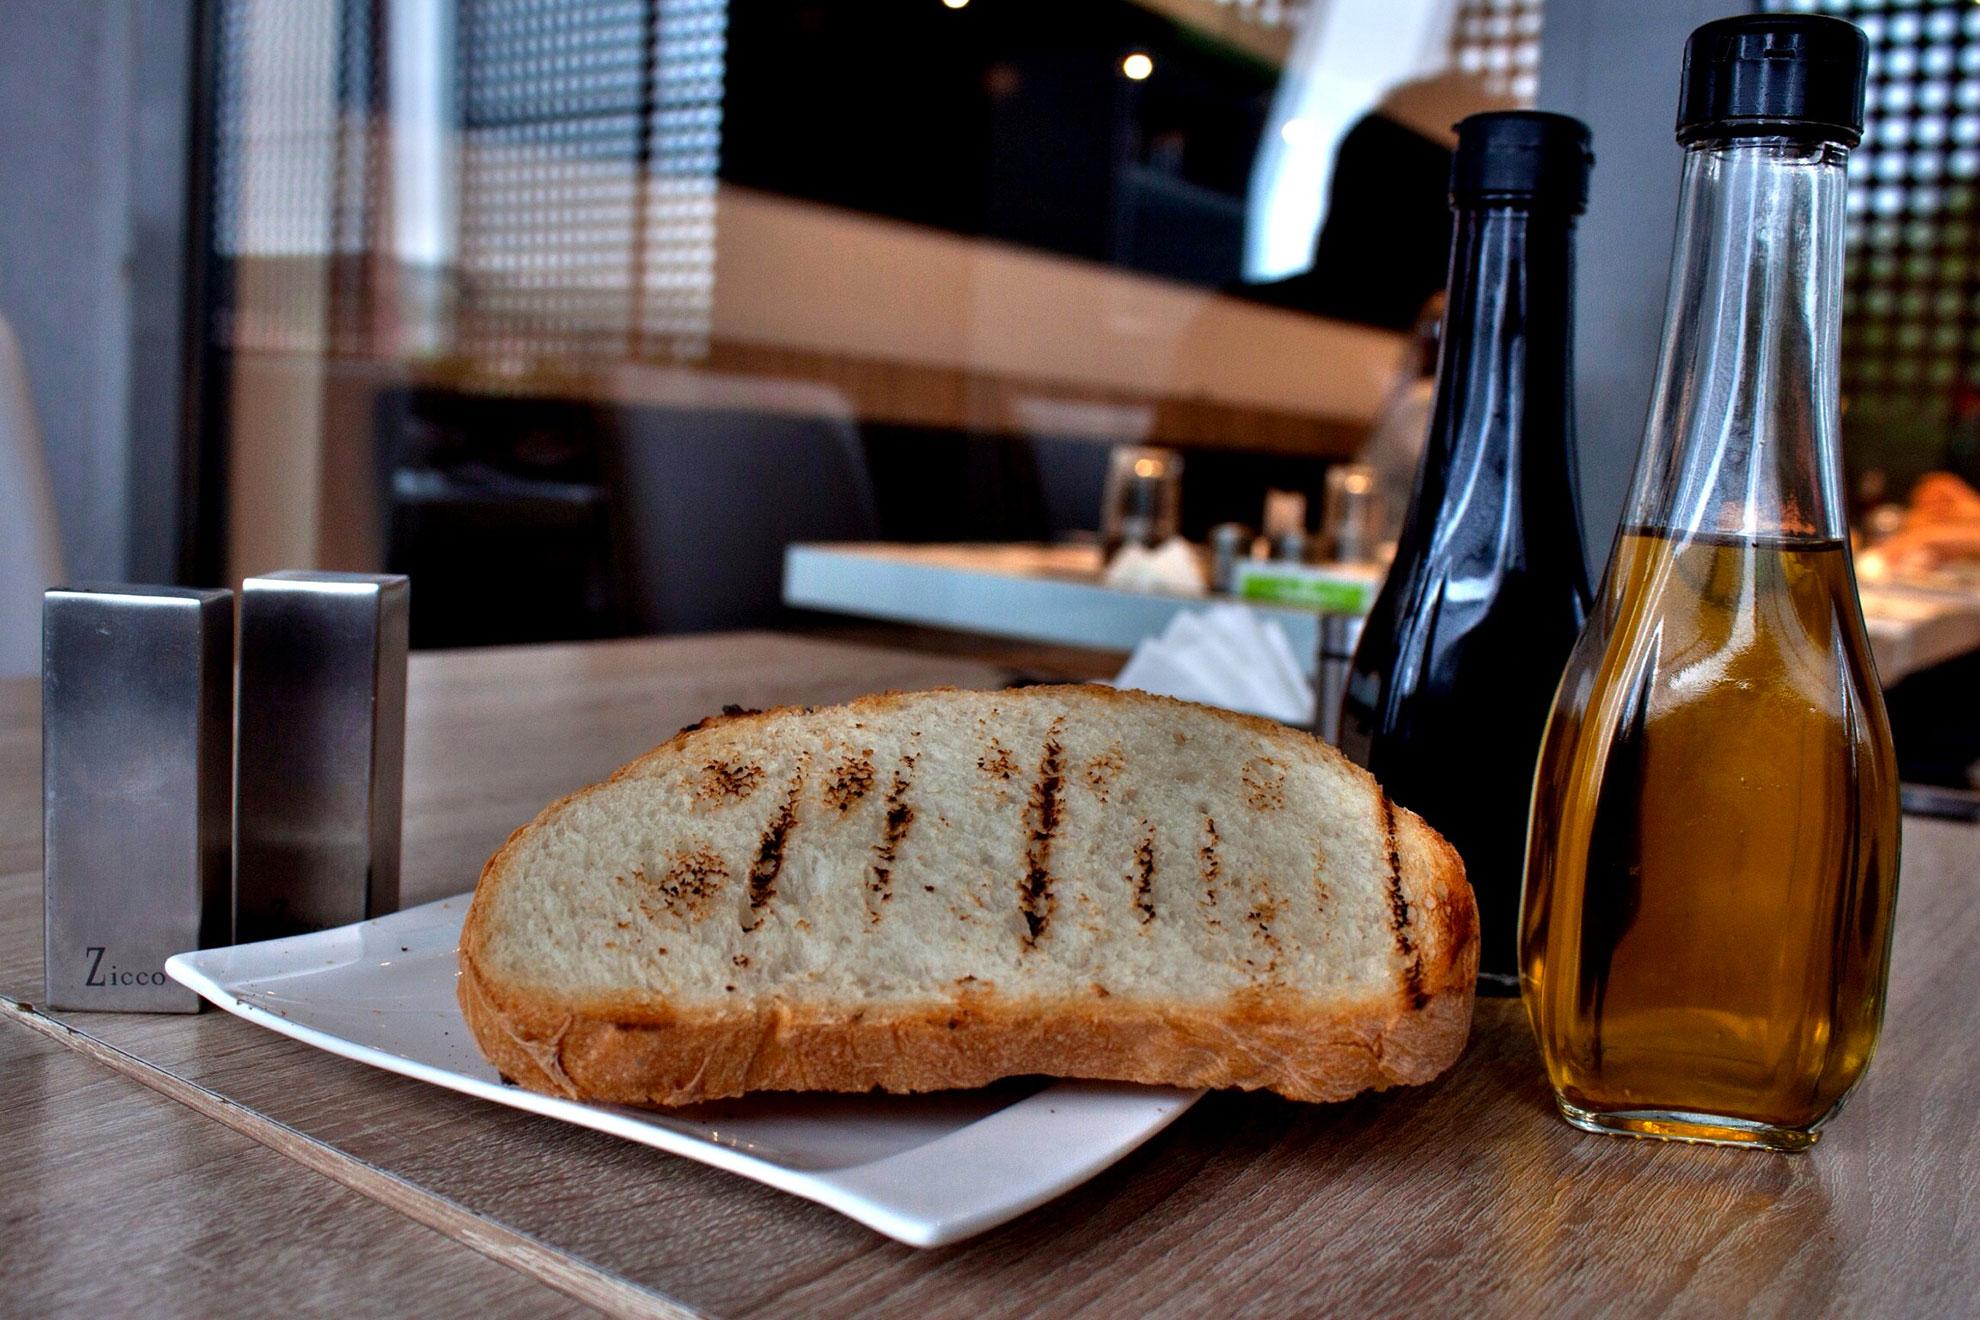 Studio conferma: dalla dieta mediterranea, benessere mentale e fisico